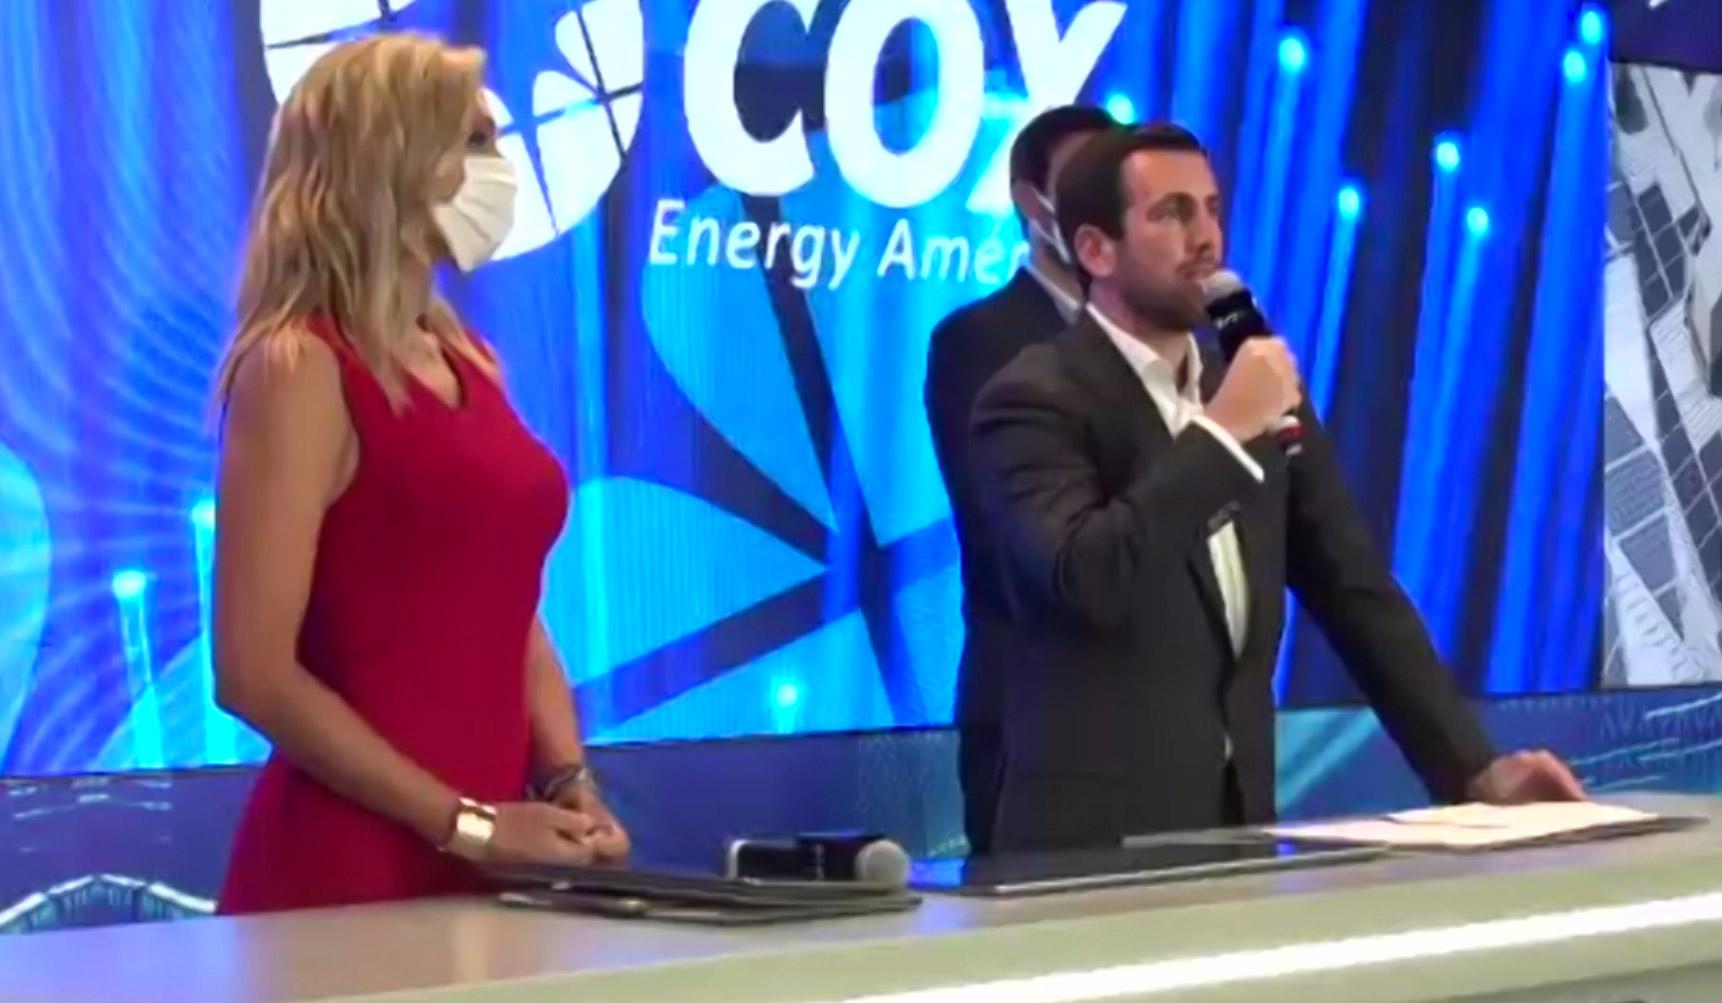 Cox Energy da su grito de salida en la BIVA